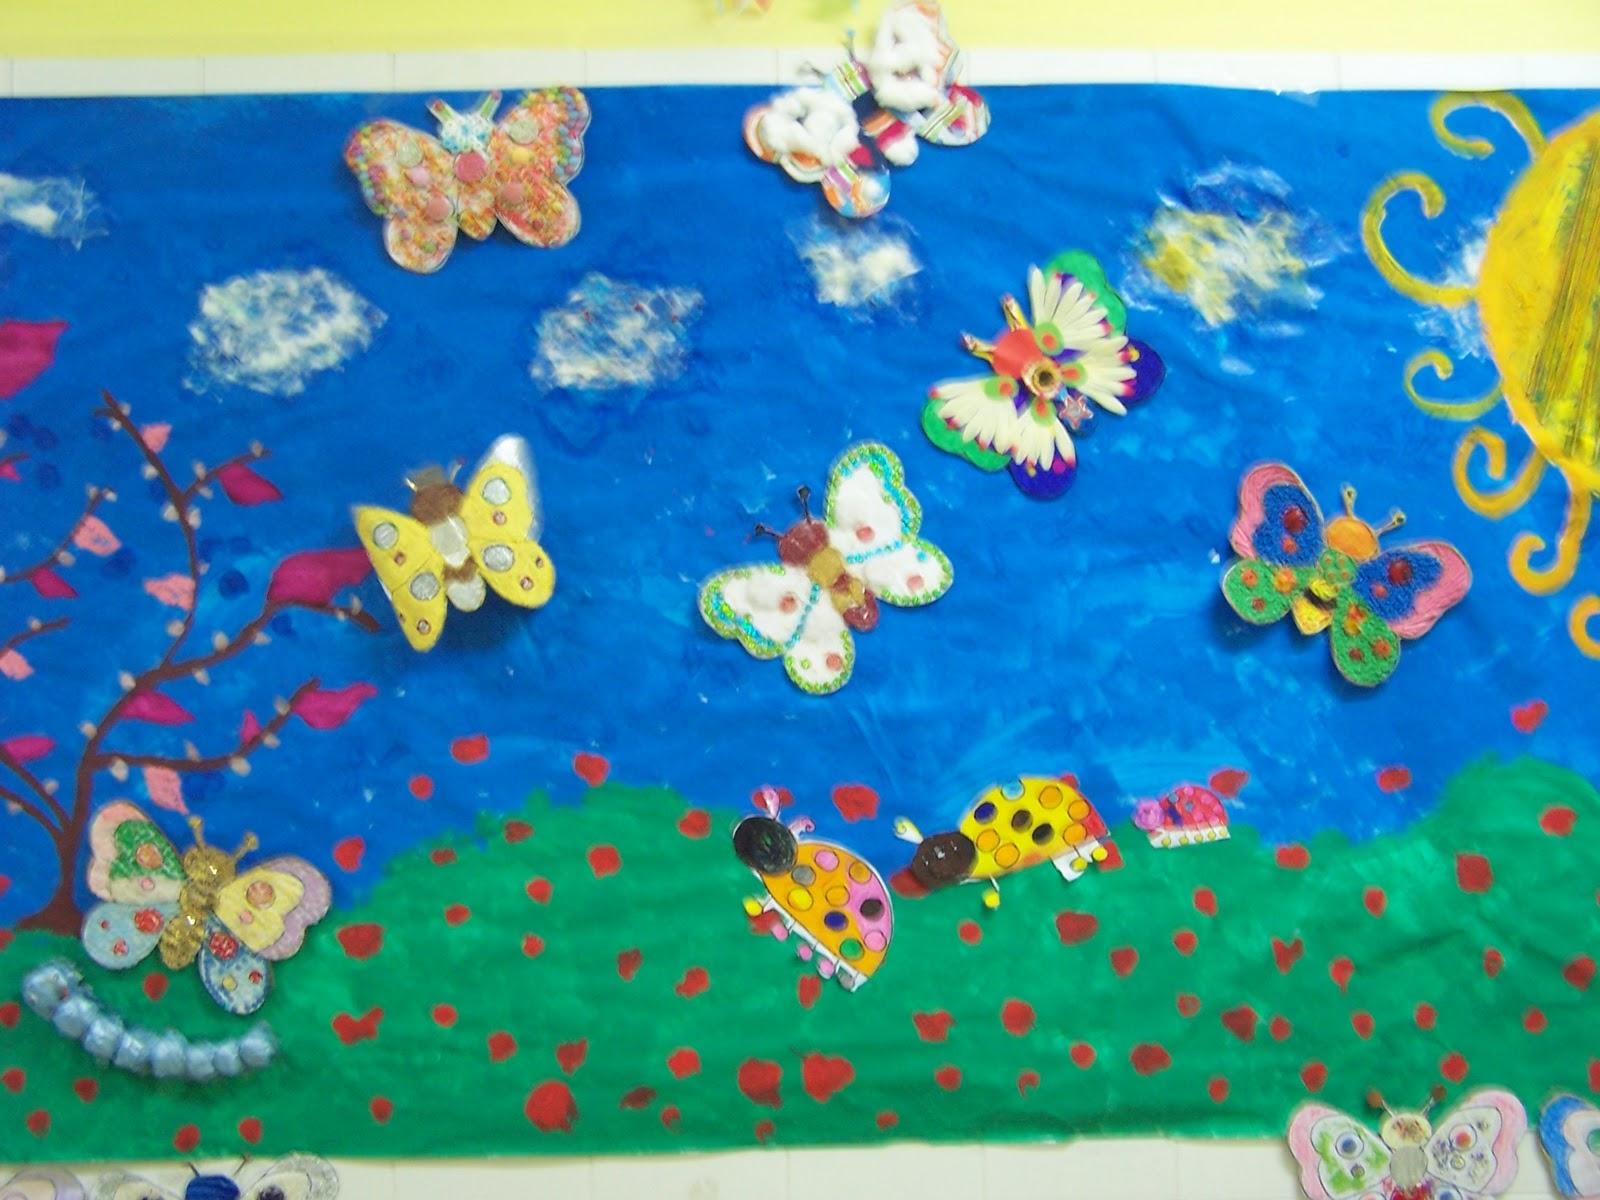 Infantil p rez gald s lleg la primavera al p rez gald s for Decoracion primavera infantil